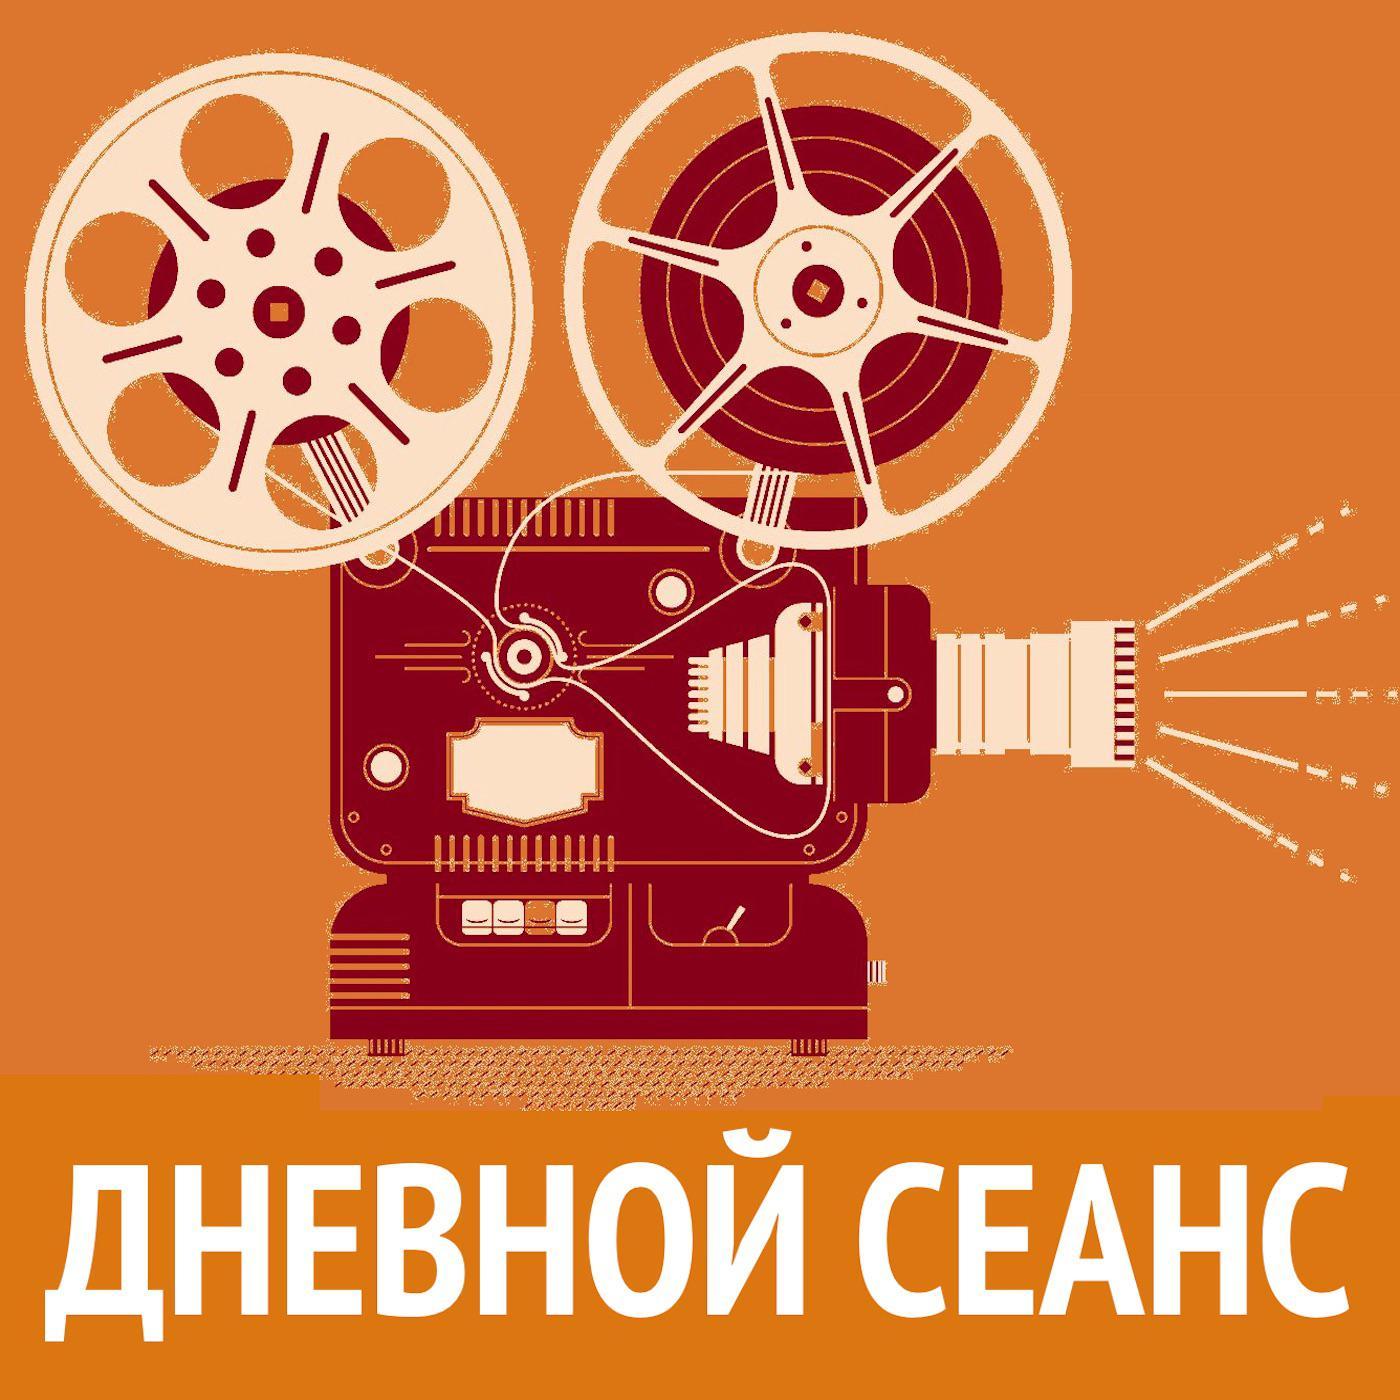 Илья Либман Дневной сеанс подводит киноитоги года. сеанс guide российские фильмы 2007 года